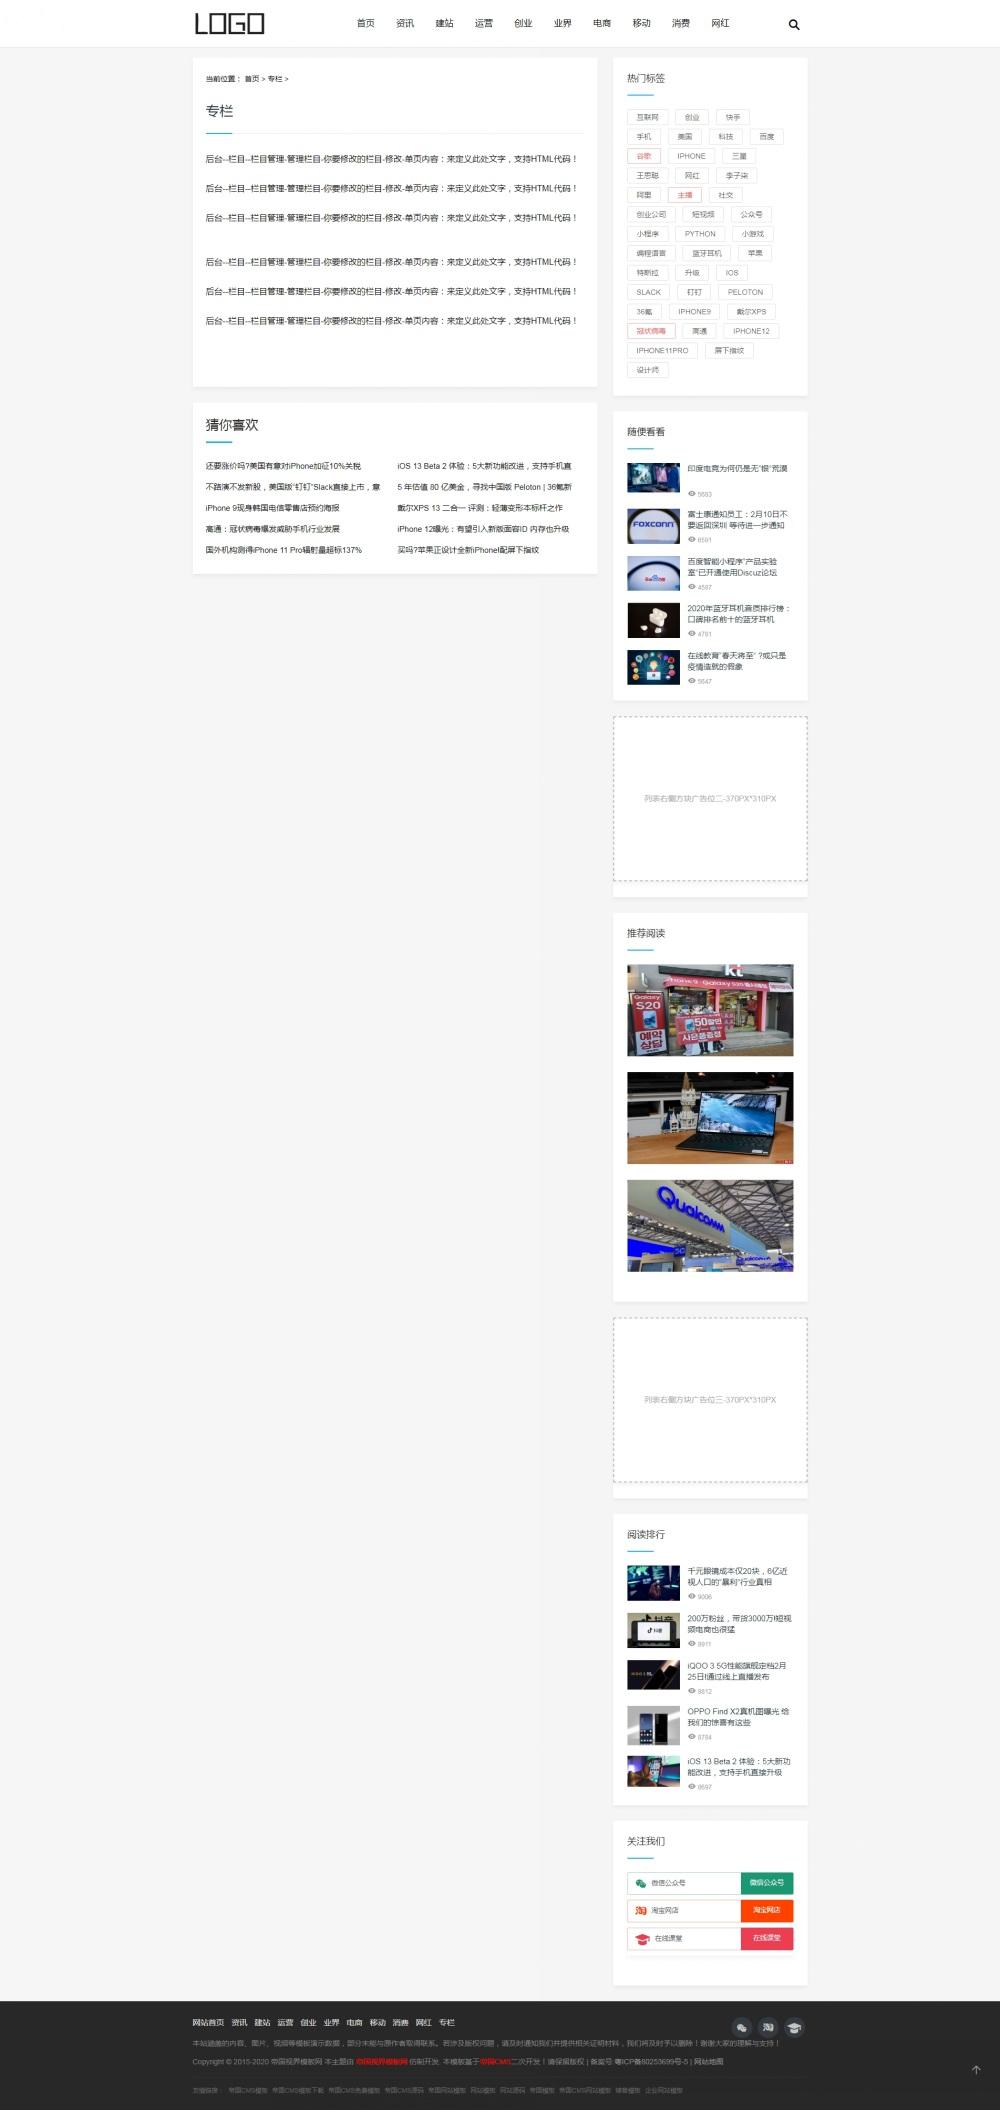 网站单页.jpg [DG-072]帝国CMS自适应新闻资讯个人博客网站模板 博客文章 第3张